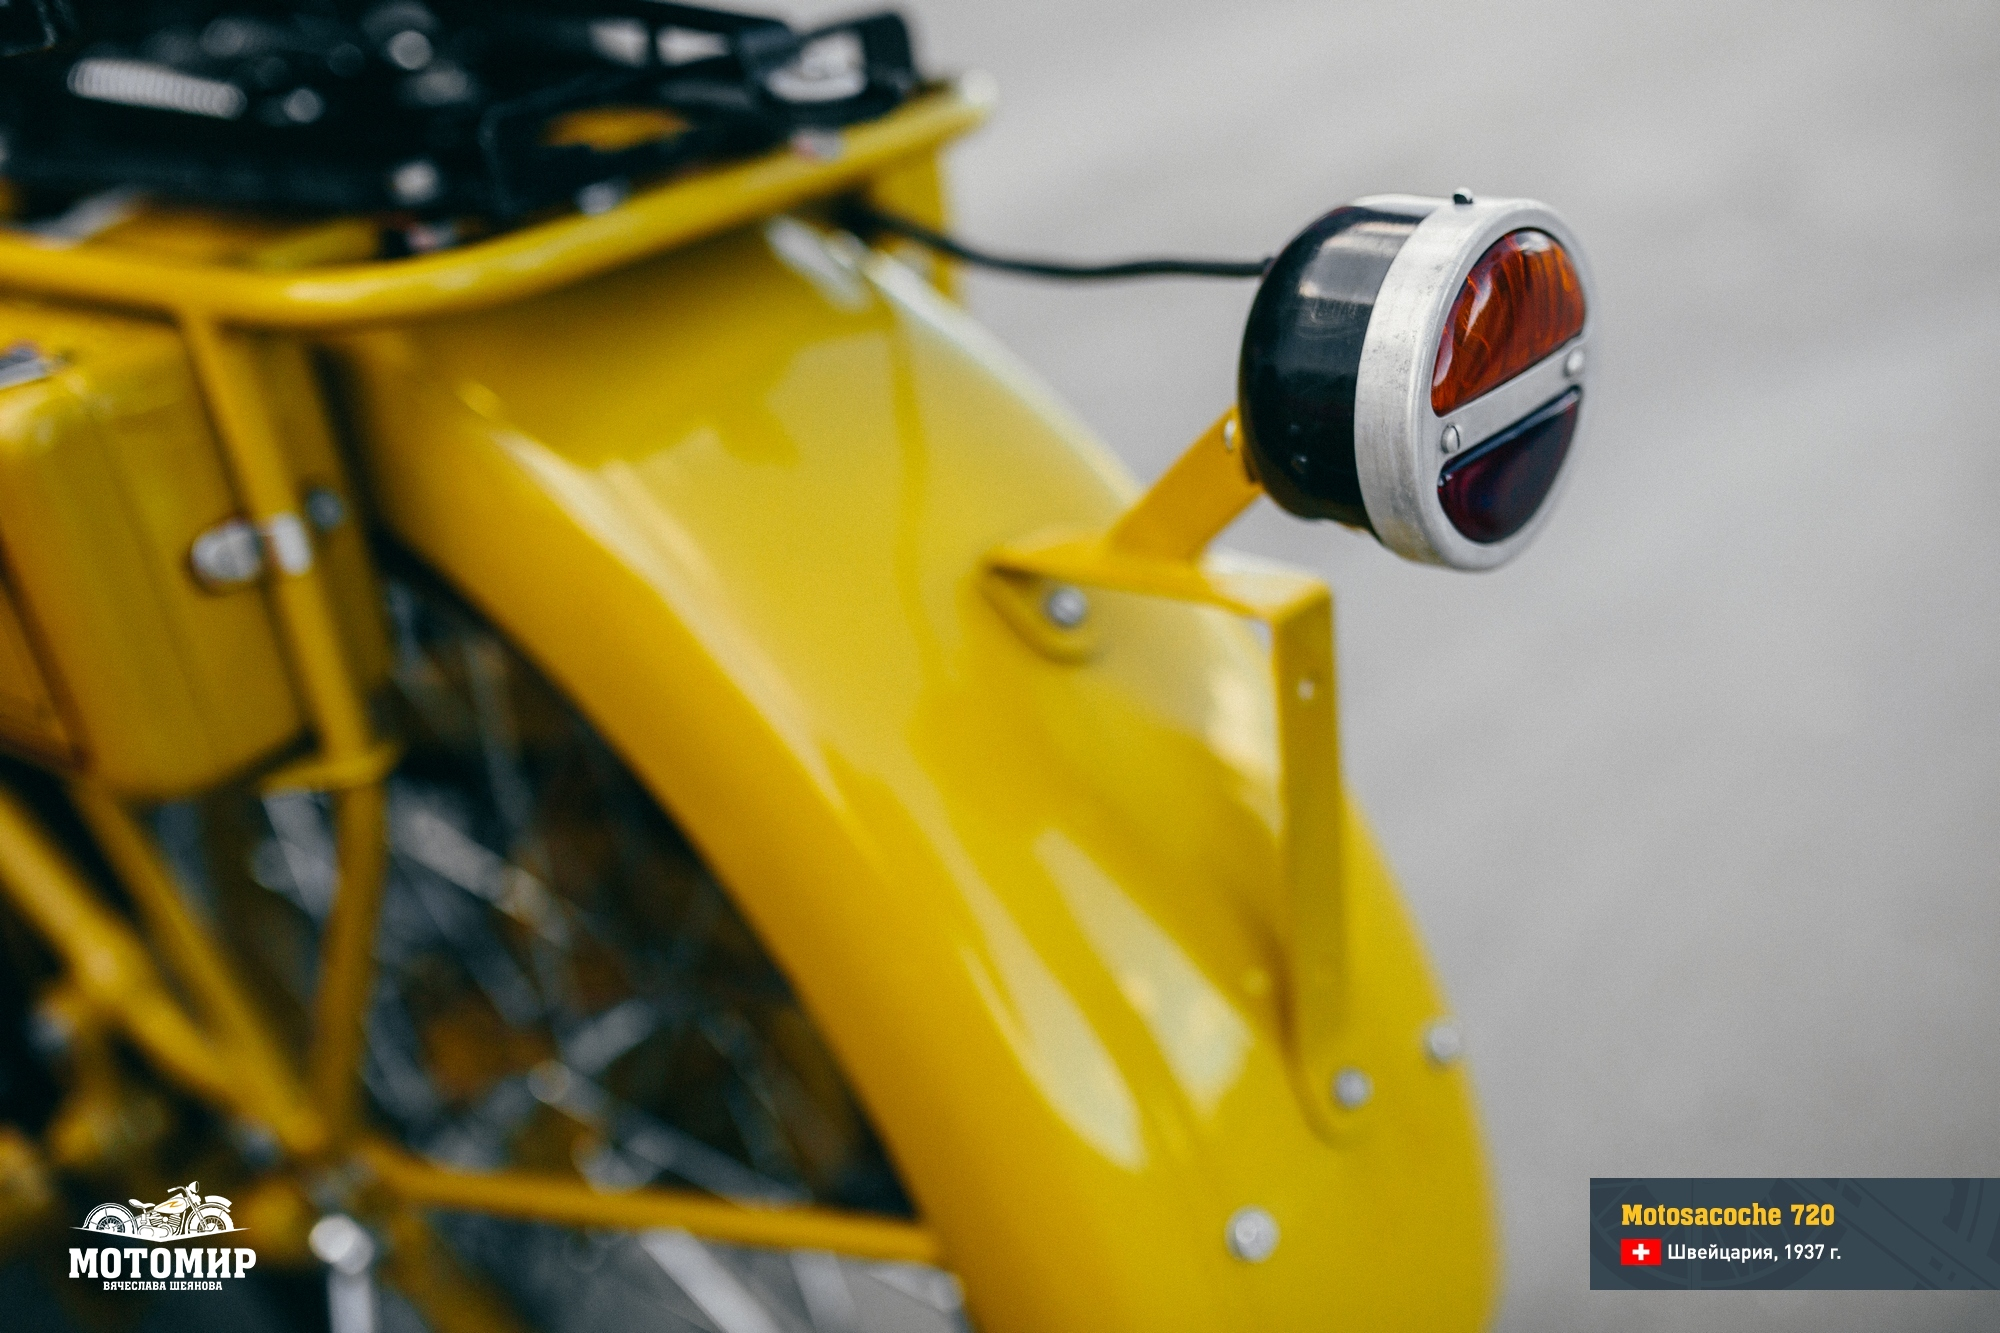 motosacoche-720-201510-web-42